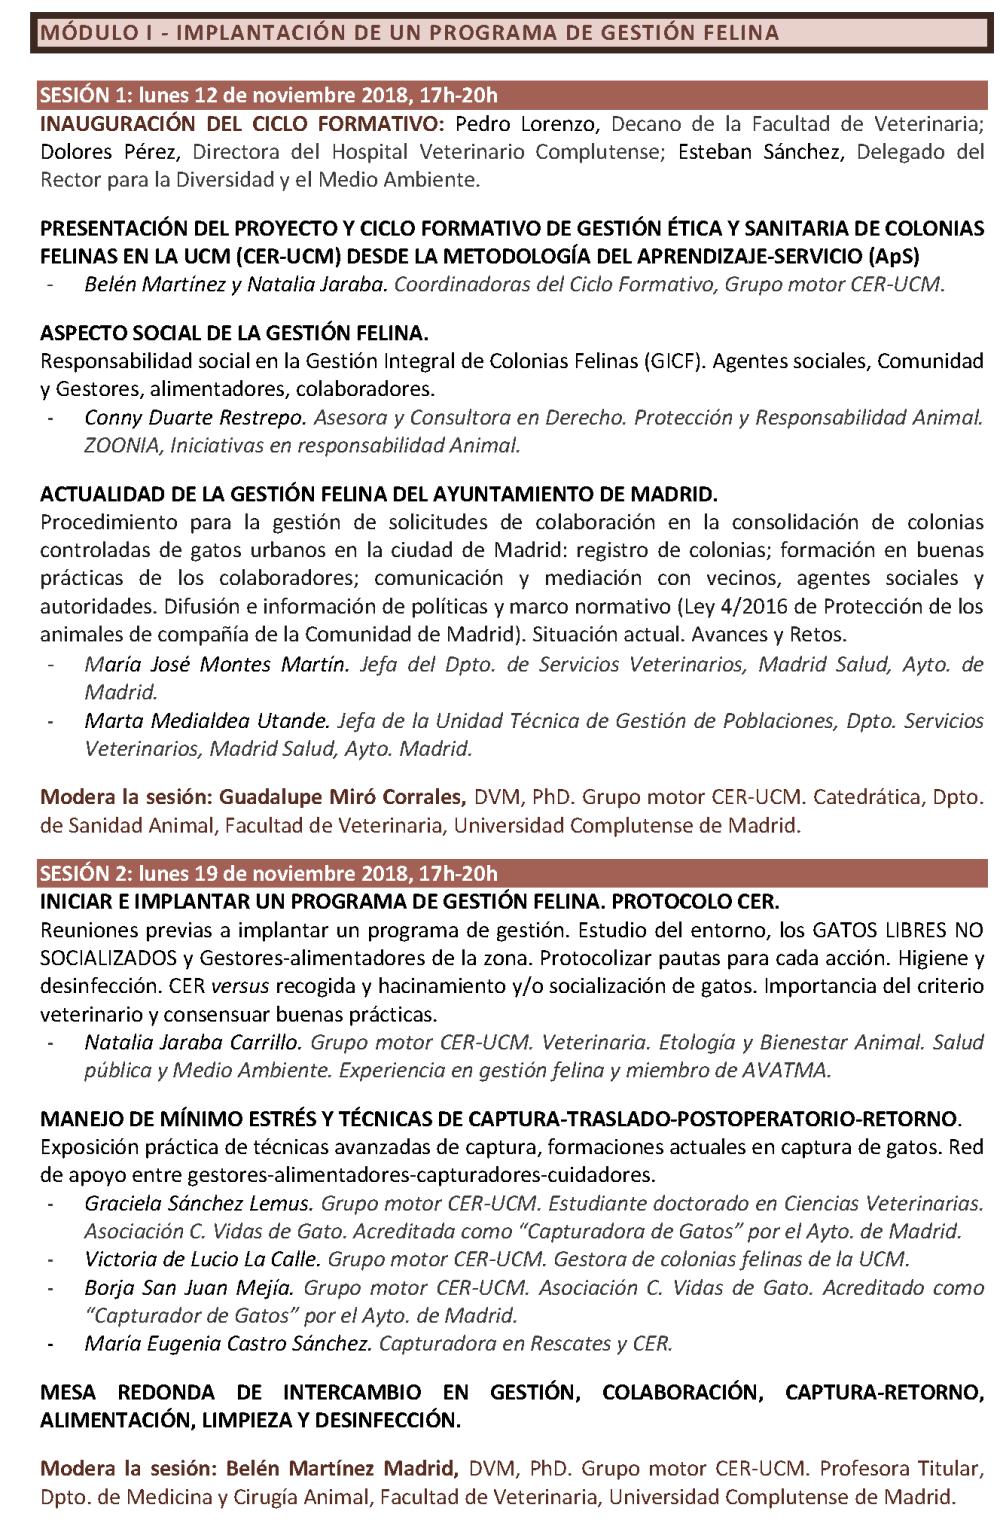 programa-ciclo-formativo-gestic3b3n-c3a9tica-y-sanitaria-de-colonias-felinas-cer-ucm-curso-2018-2019_pc3a1gina_2.png